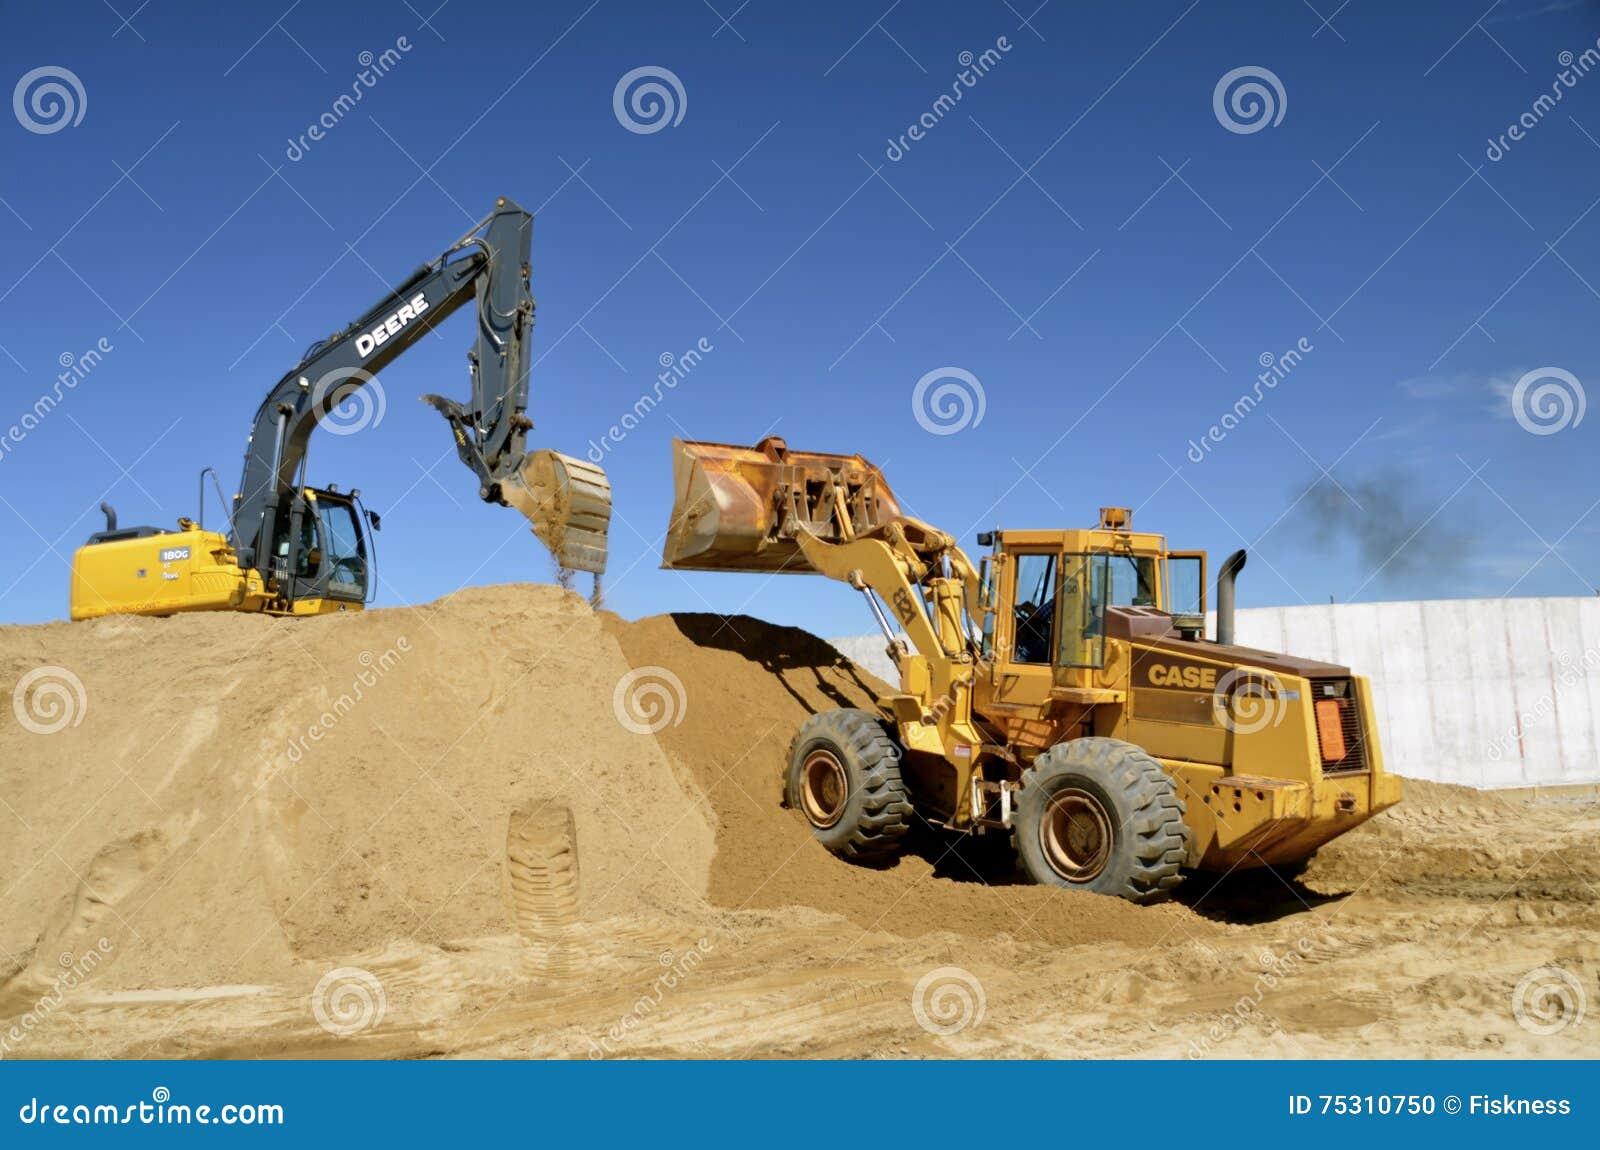 John Deere Heavy Equipment